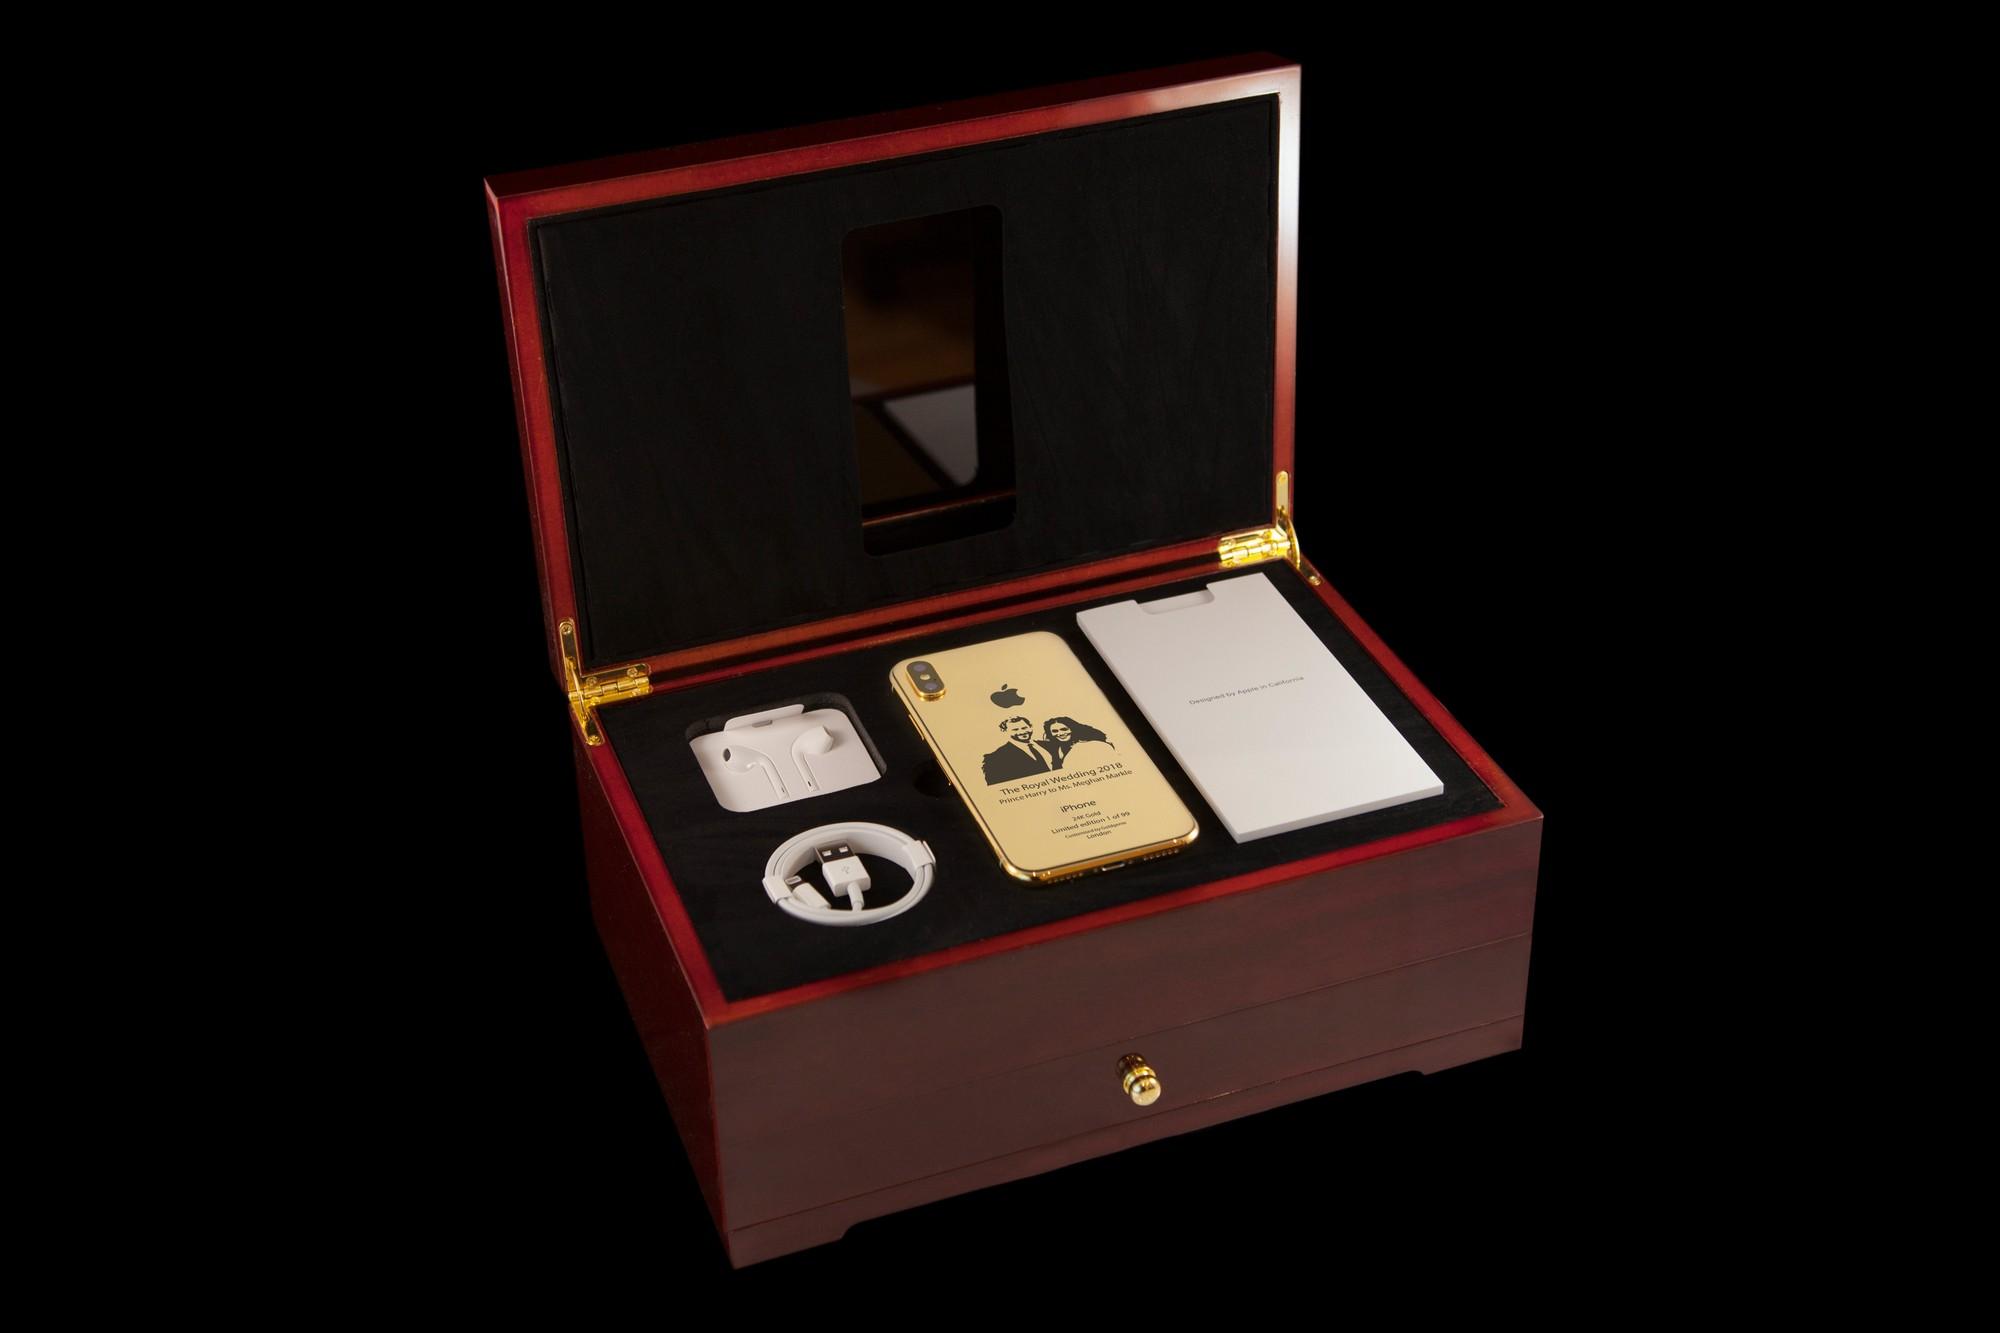 Bước thang thăng trầm của Goldgenie - thương hiệu độ chiếc iPhone X Vàng gần tỷ đồng cho đám cưới Hoàng gia Anh - Ảnh 5.